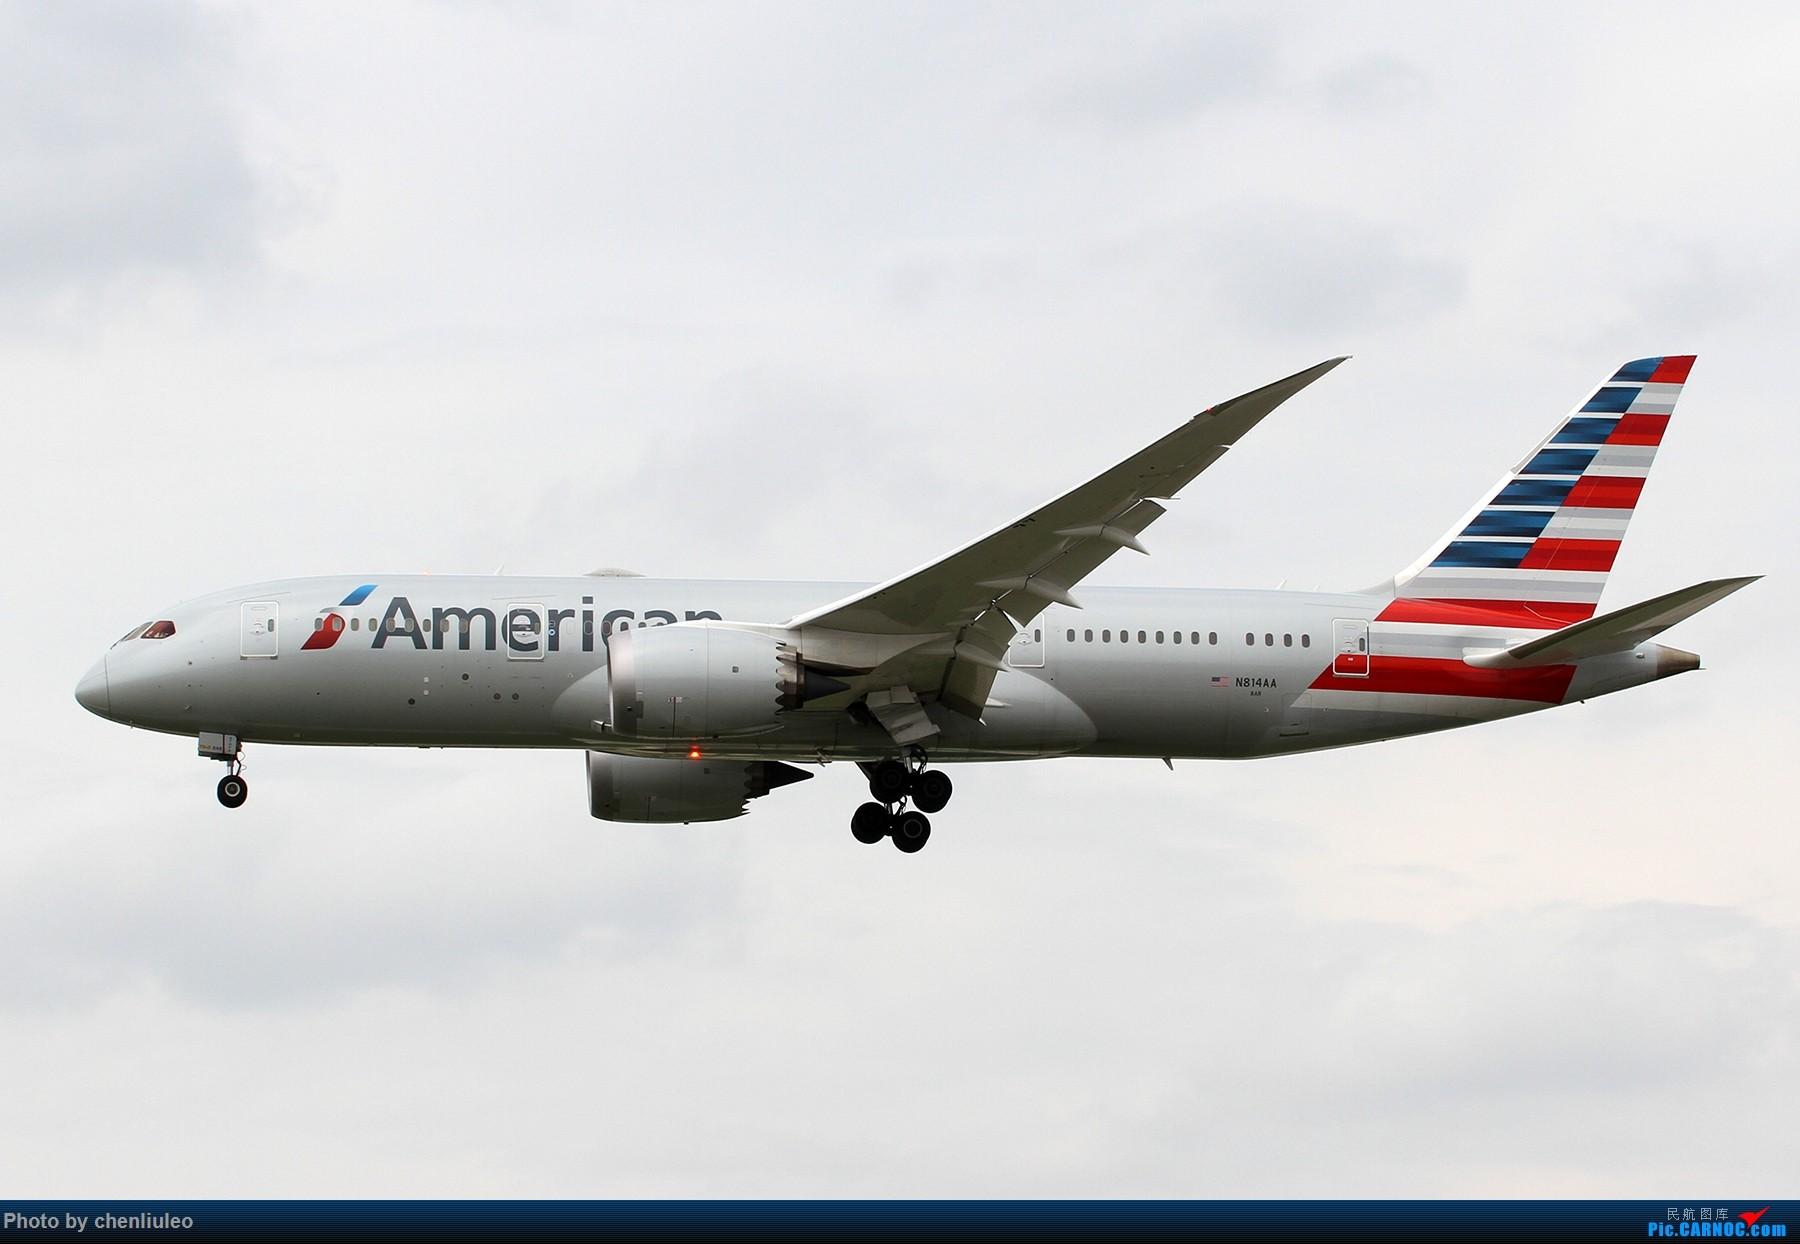 Re:[原创]【北美飞友会】芝加哥奥黑尔机场首拍 BOEING 787-8 N814AA 美国芝加哥奥黑尔国际机场